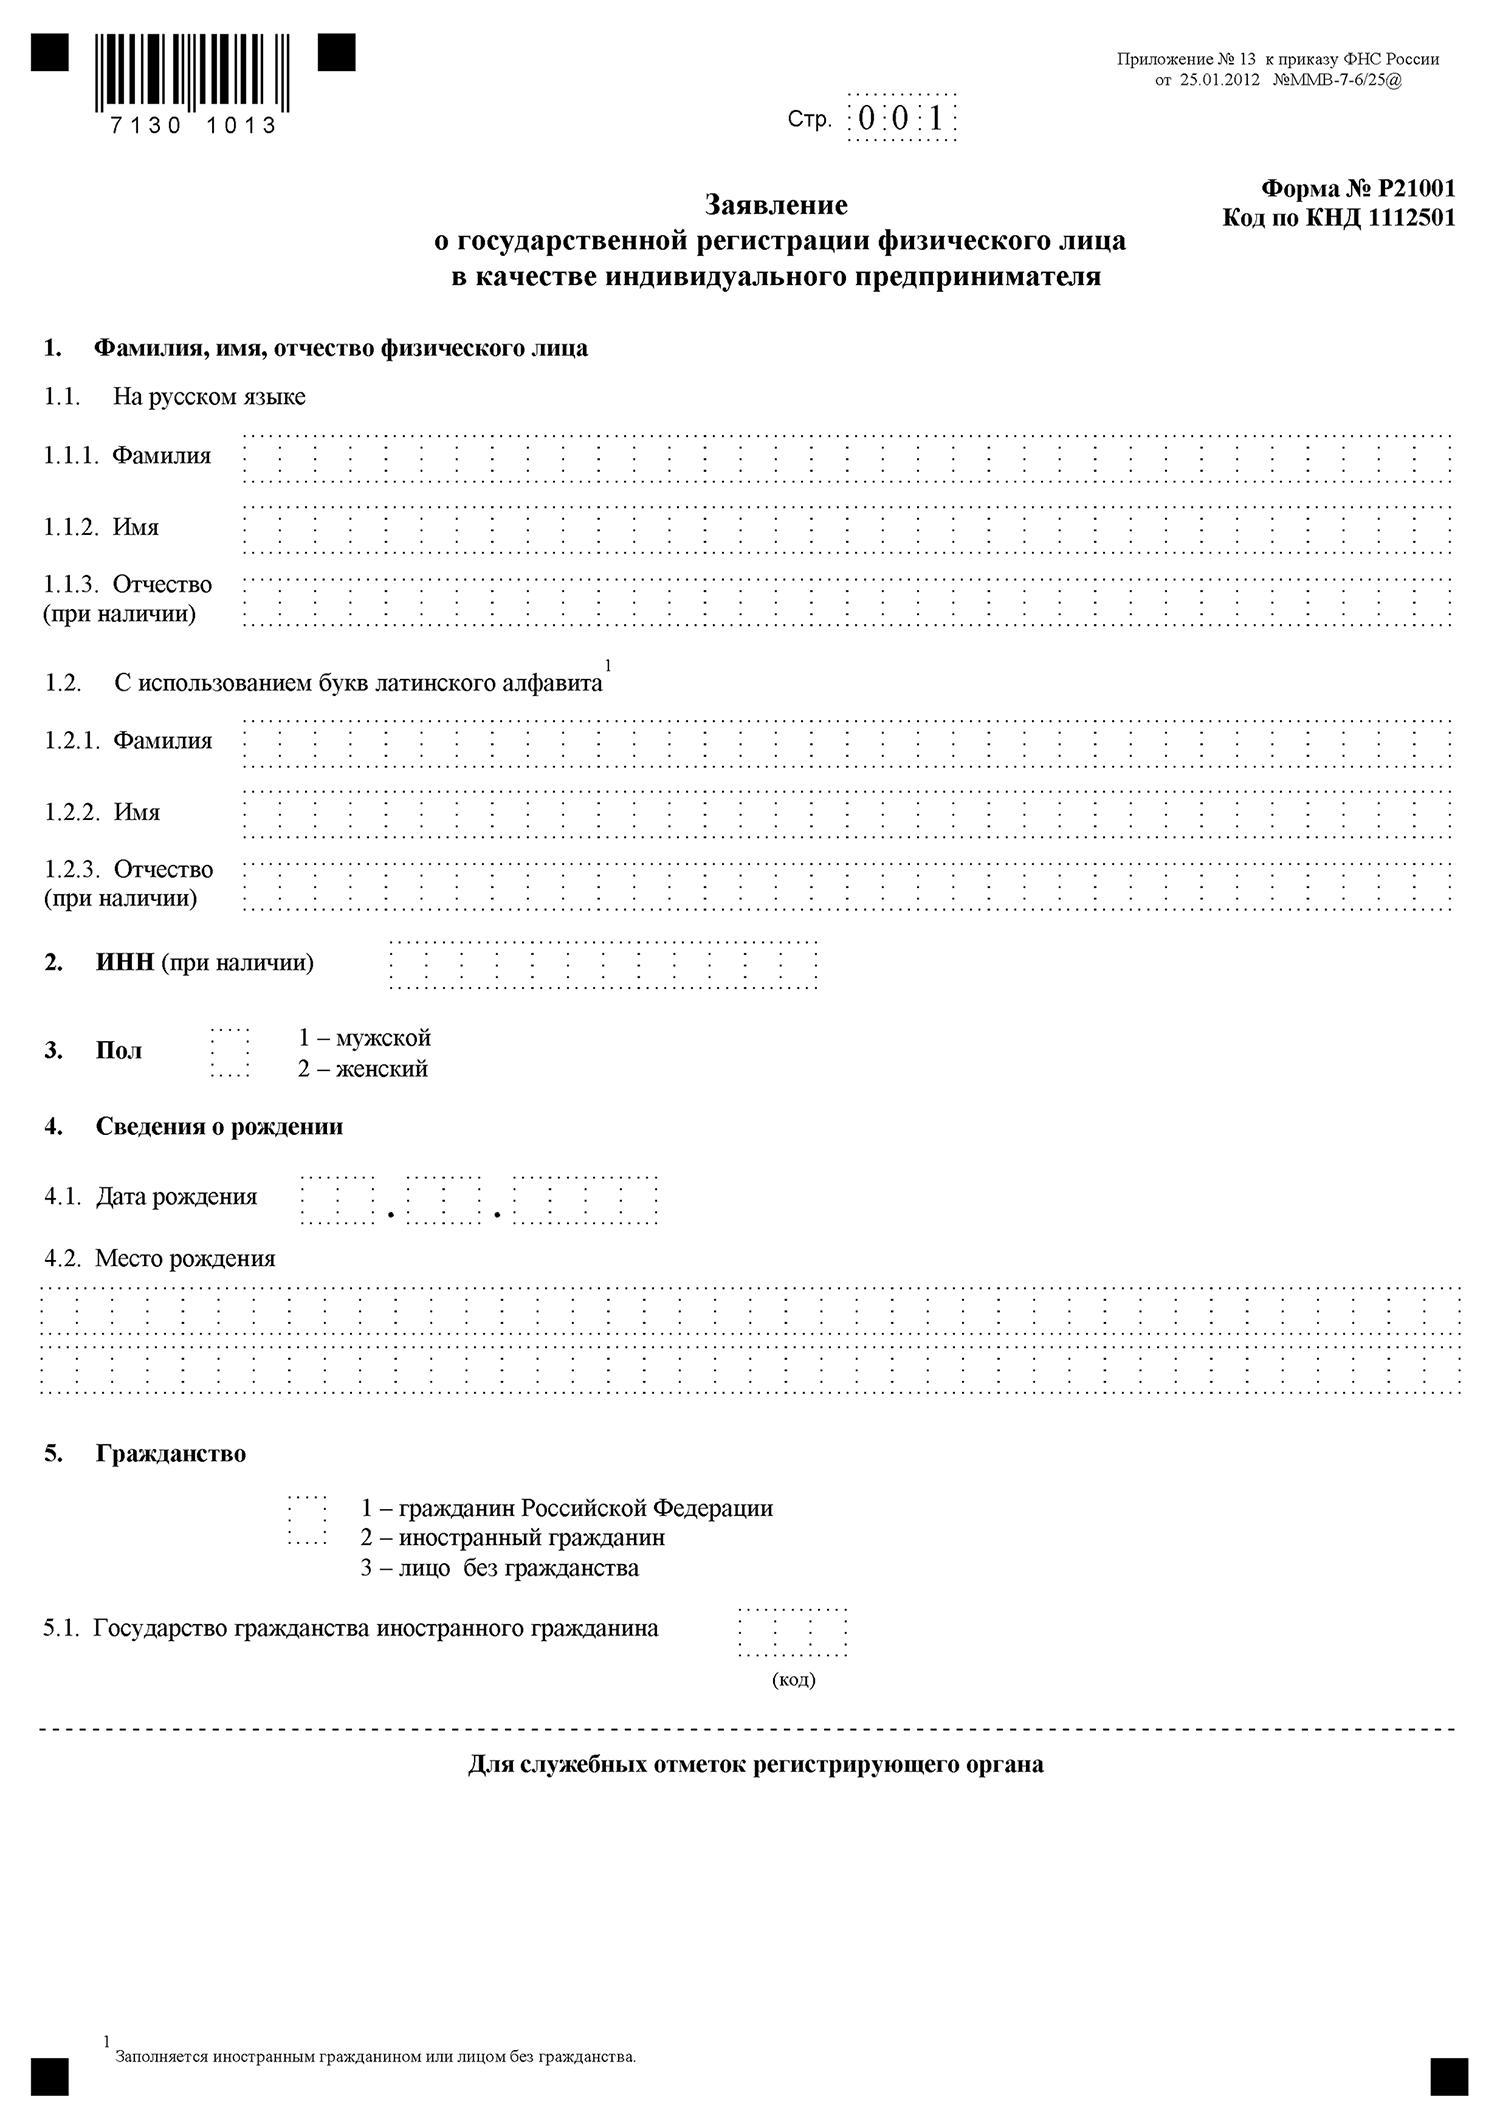 Ип форма р регистрации что необходимо в налоговую для регистрации ип